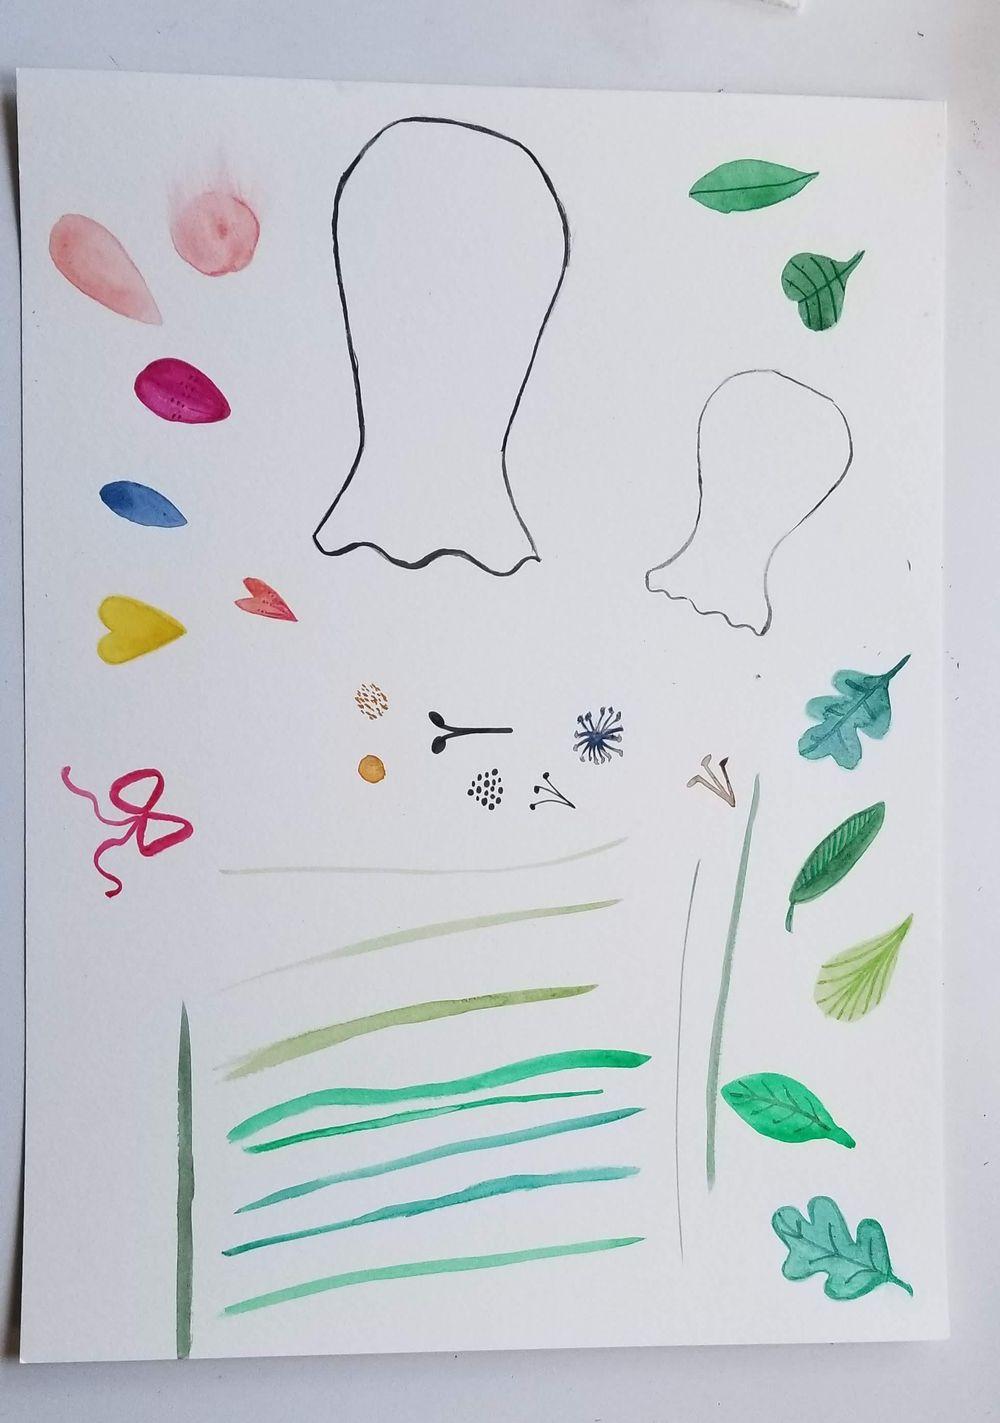 Botancial Photoshop Scene - image 2 - student project